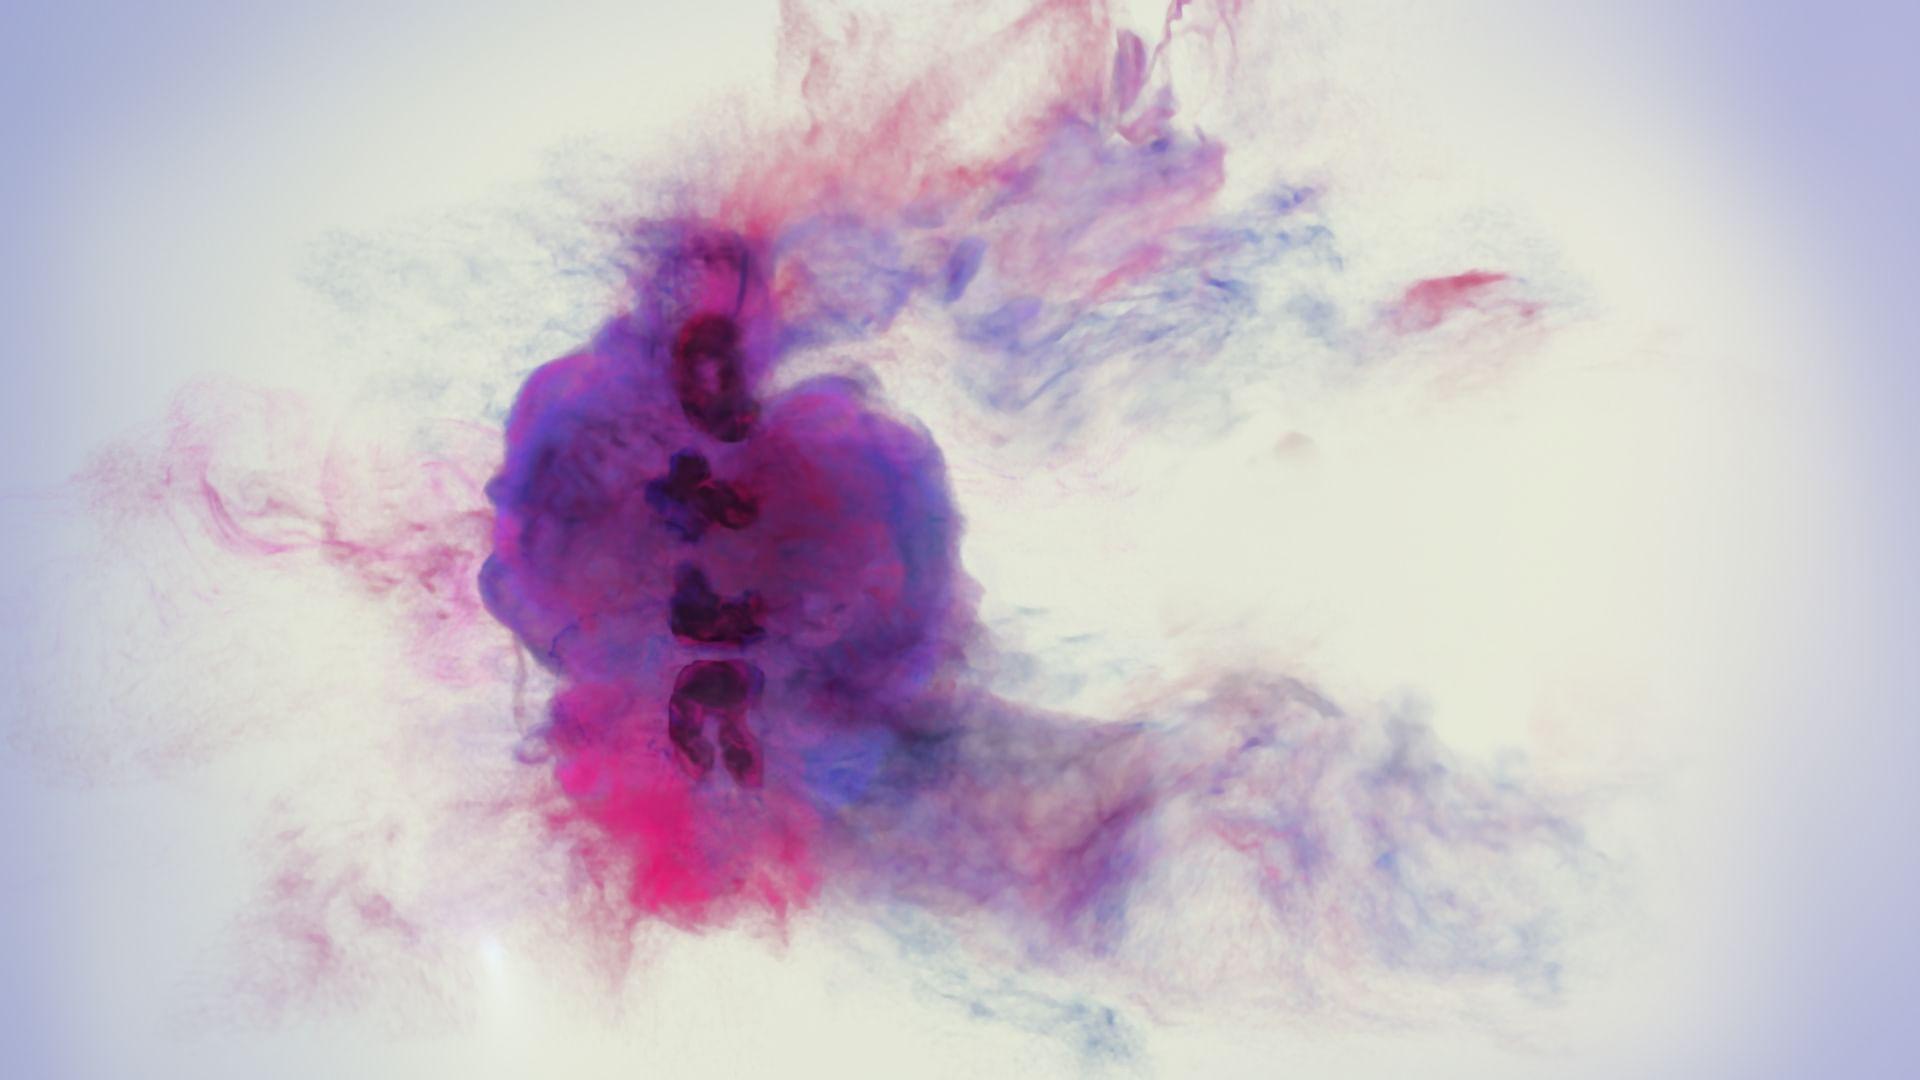 Lorsque les cassettes vidéo se sont imposées au début des années 1980, ce fut une petite révolution. Bien avant Netflix et Amazon,la télévision non-linéaire existait déjà. Parallèlement aux films grand public vendus sur le marché de la vidéo, un univers filmique s'est rapidement créé. ARTE analyse cette révolution technologique et culturelle.